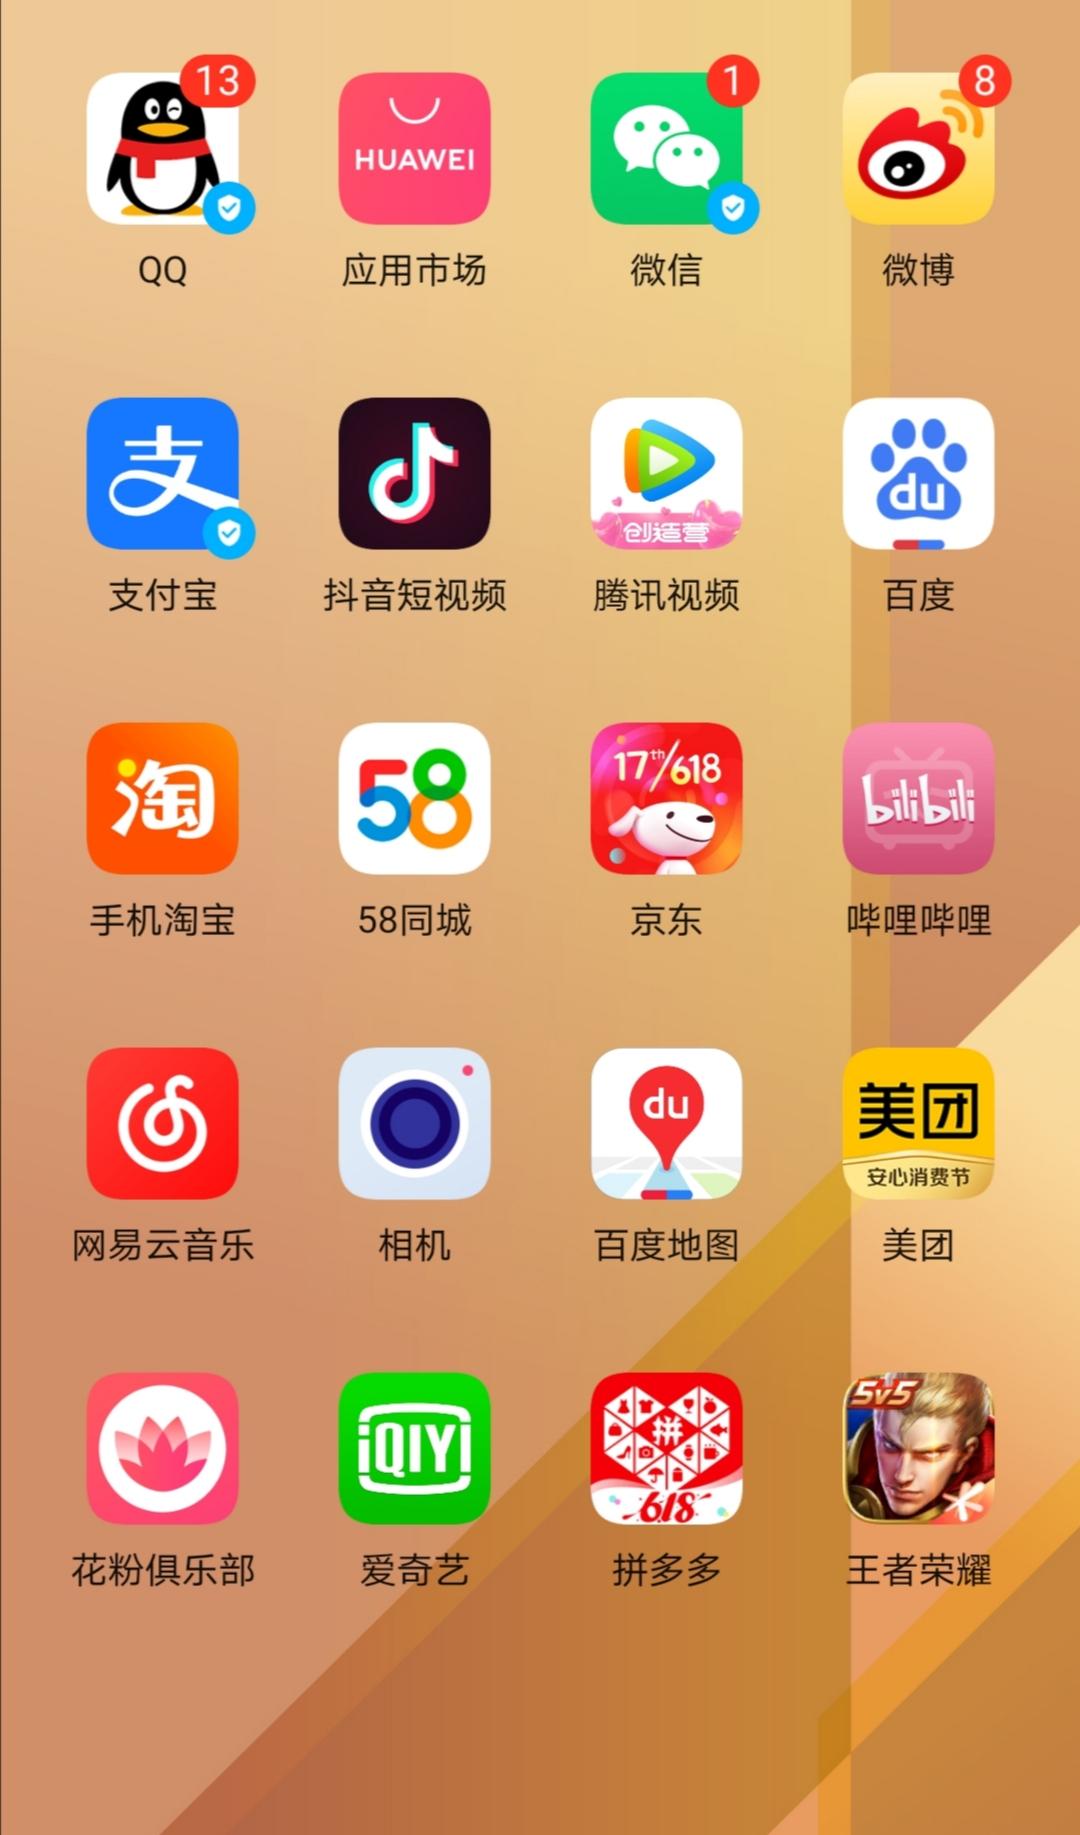 Screenshot_20200524_183057.jpg